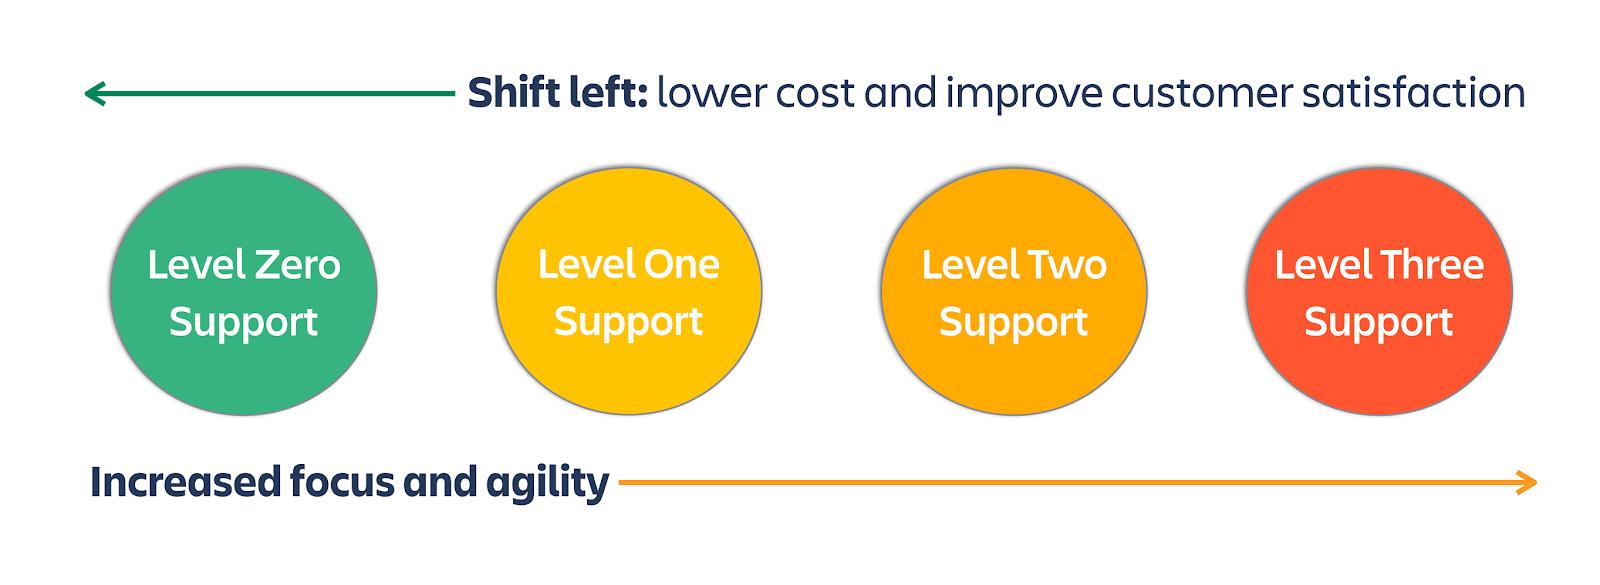 Diagramm zum Nutzen des Shift-Left-Ansatzes beim IT-Support